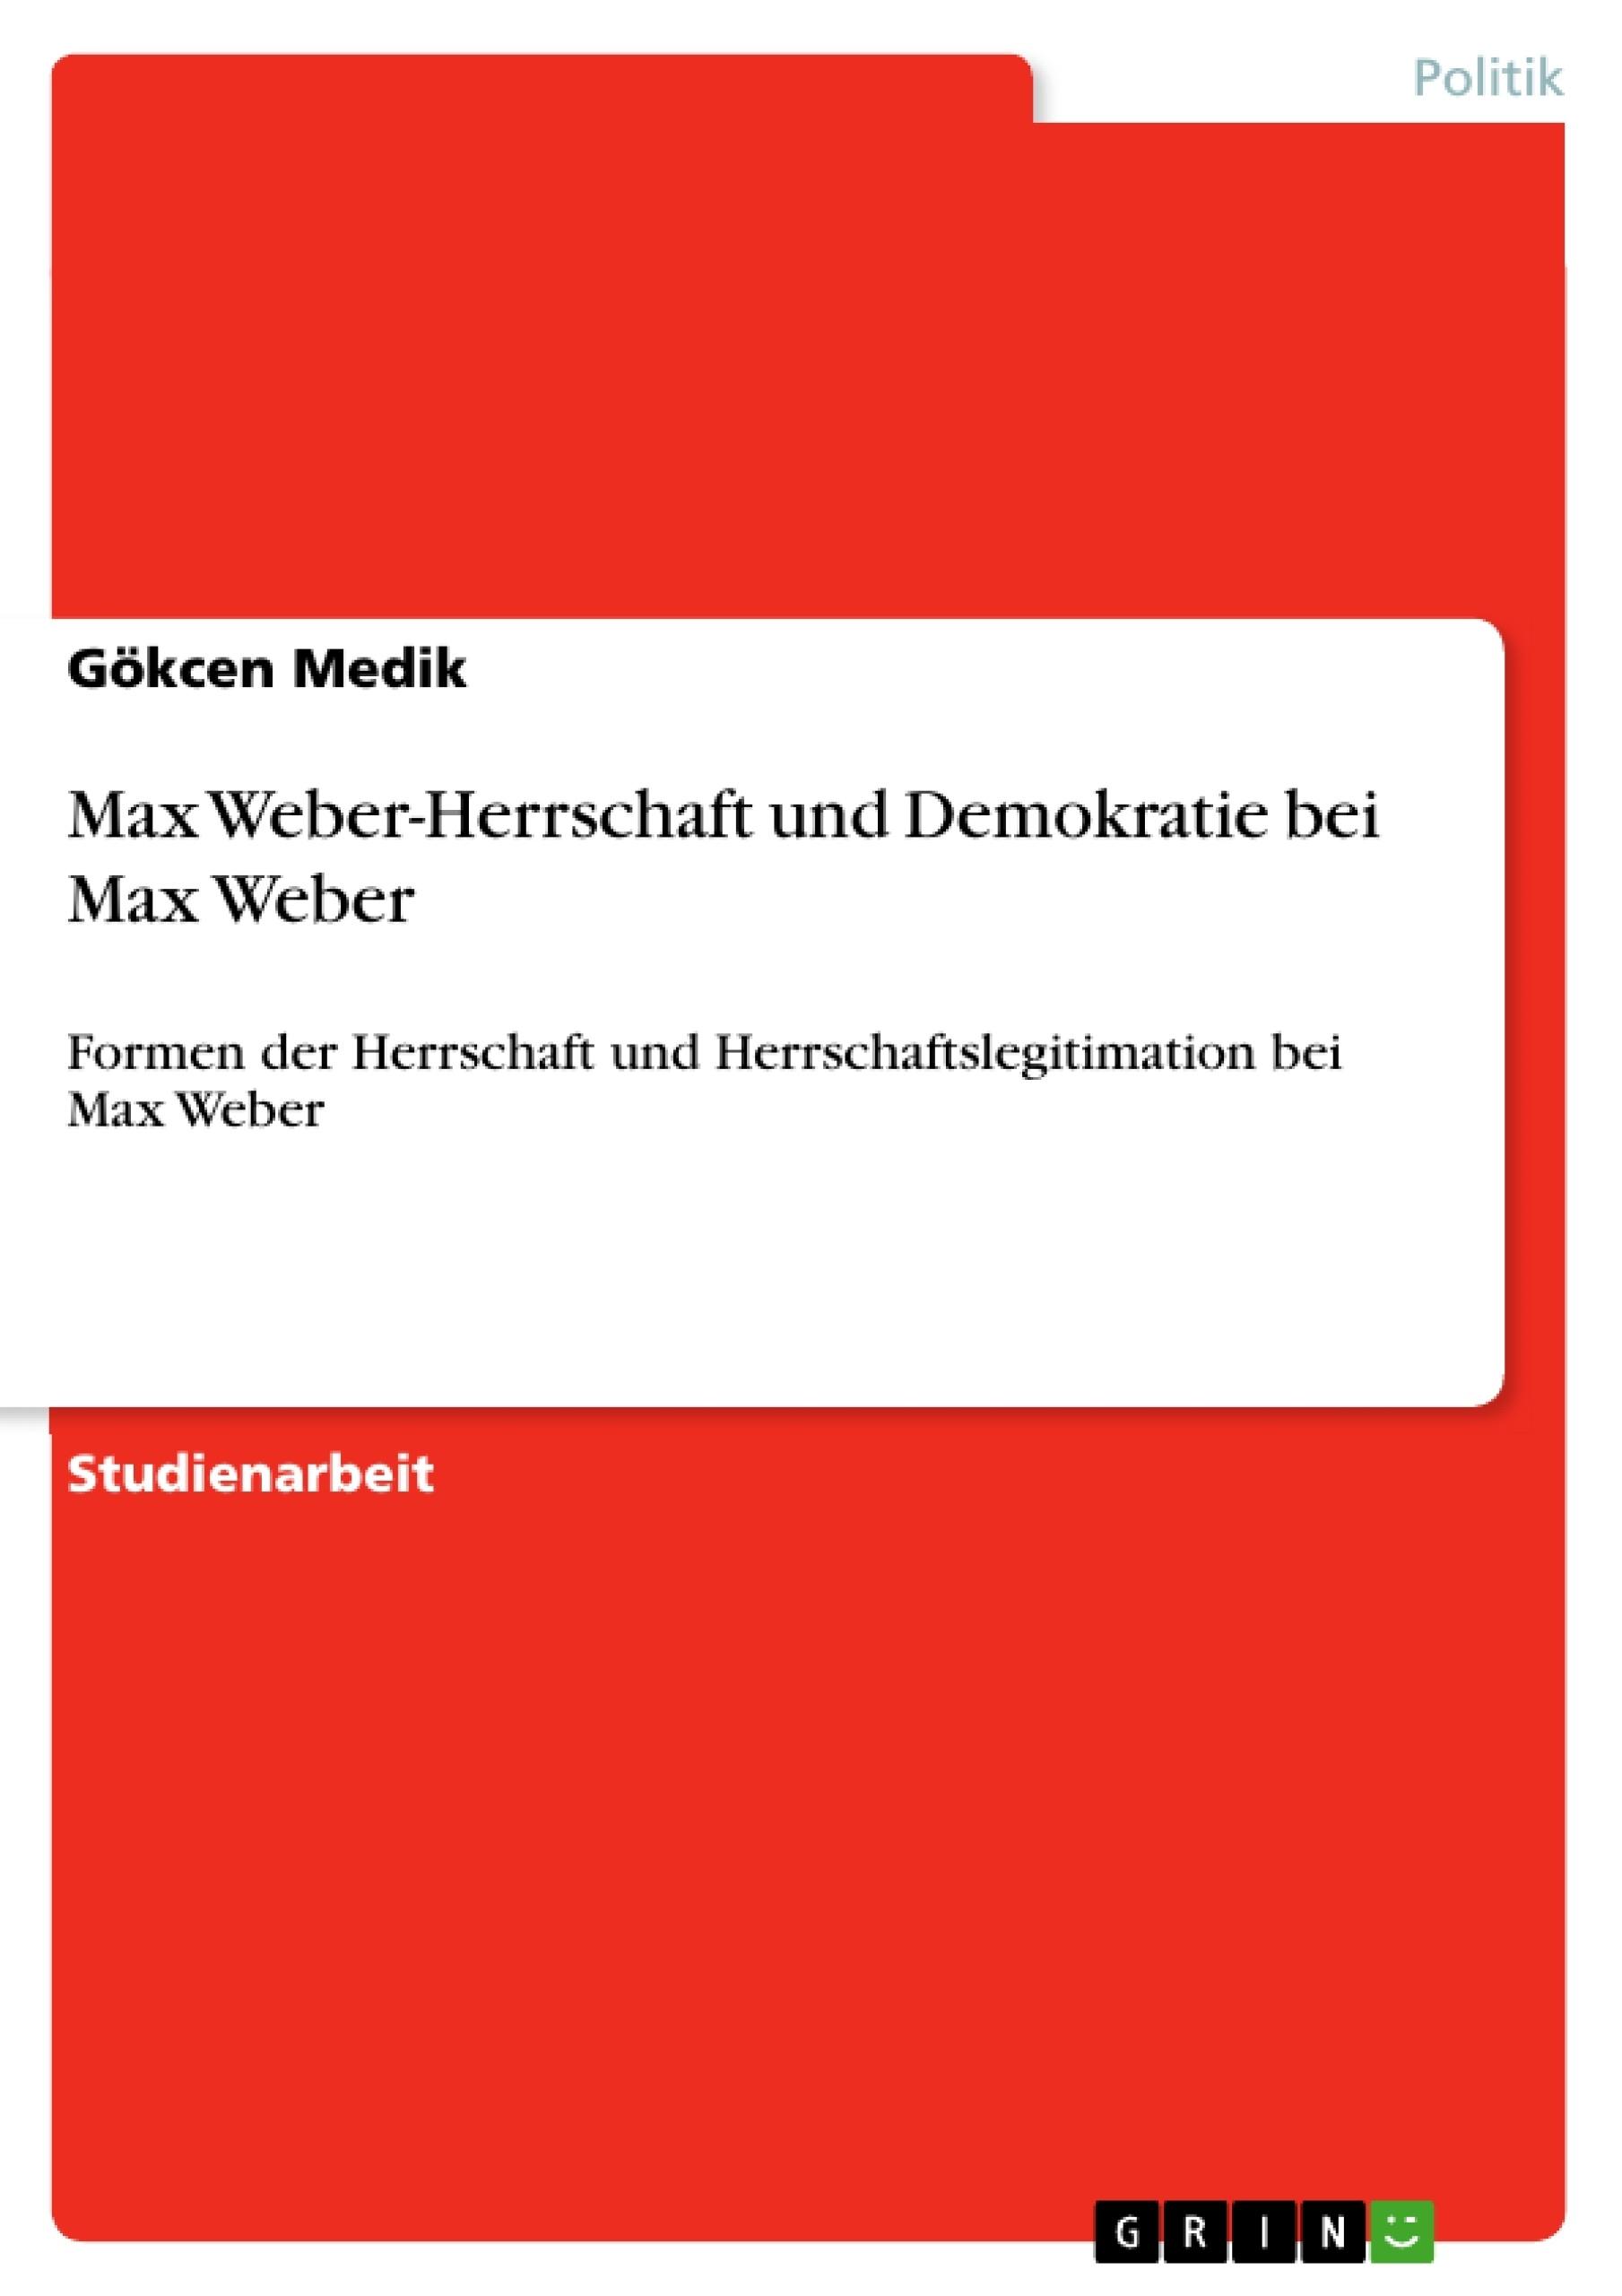 Titel: Max Weber-Herrschaft und Demokratie bei Max Weber